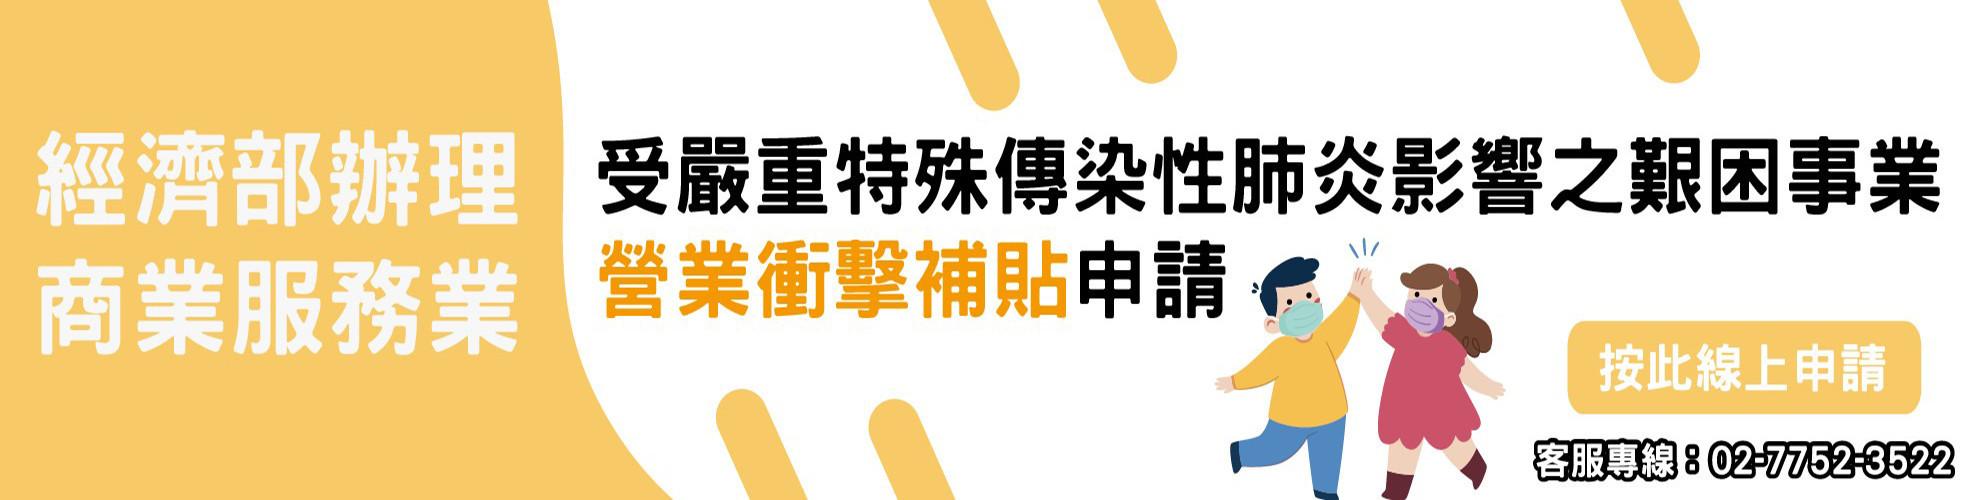 美業紓困4-0懶人包-立即申請商業服務業艱困事業營業衝擊補貼|台北市中山站 IA 專業美睫設計